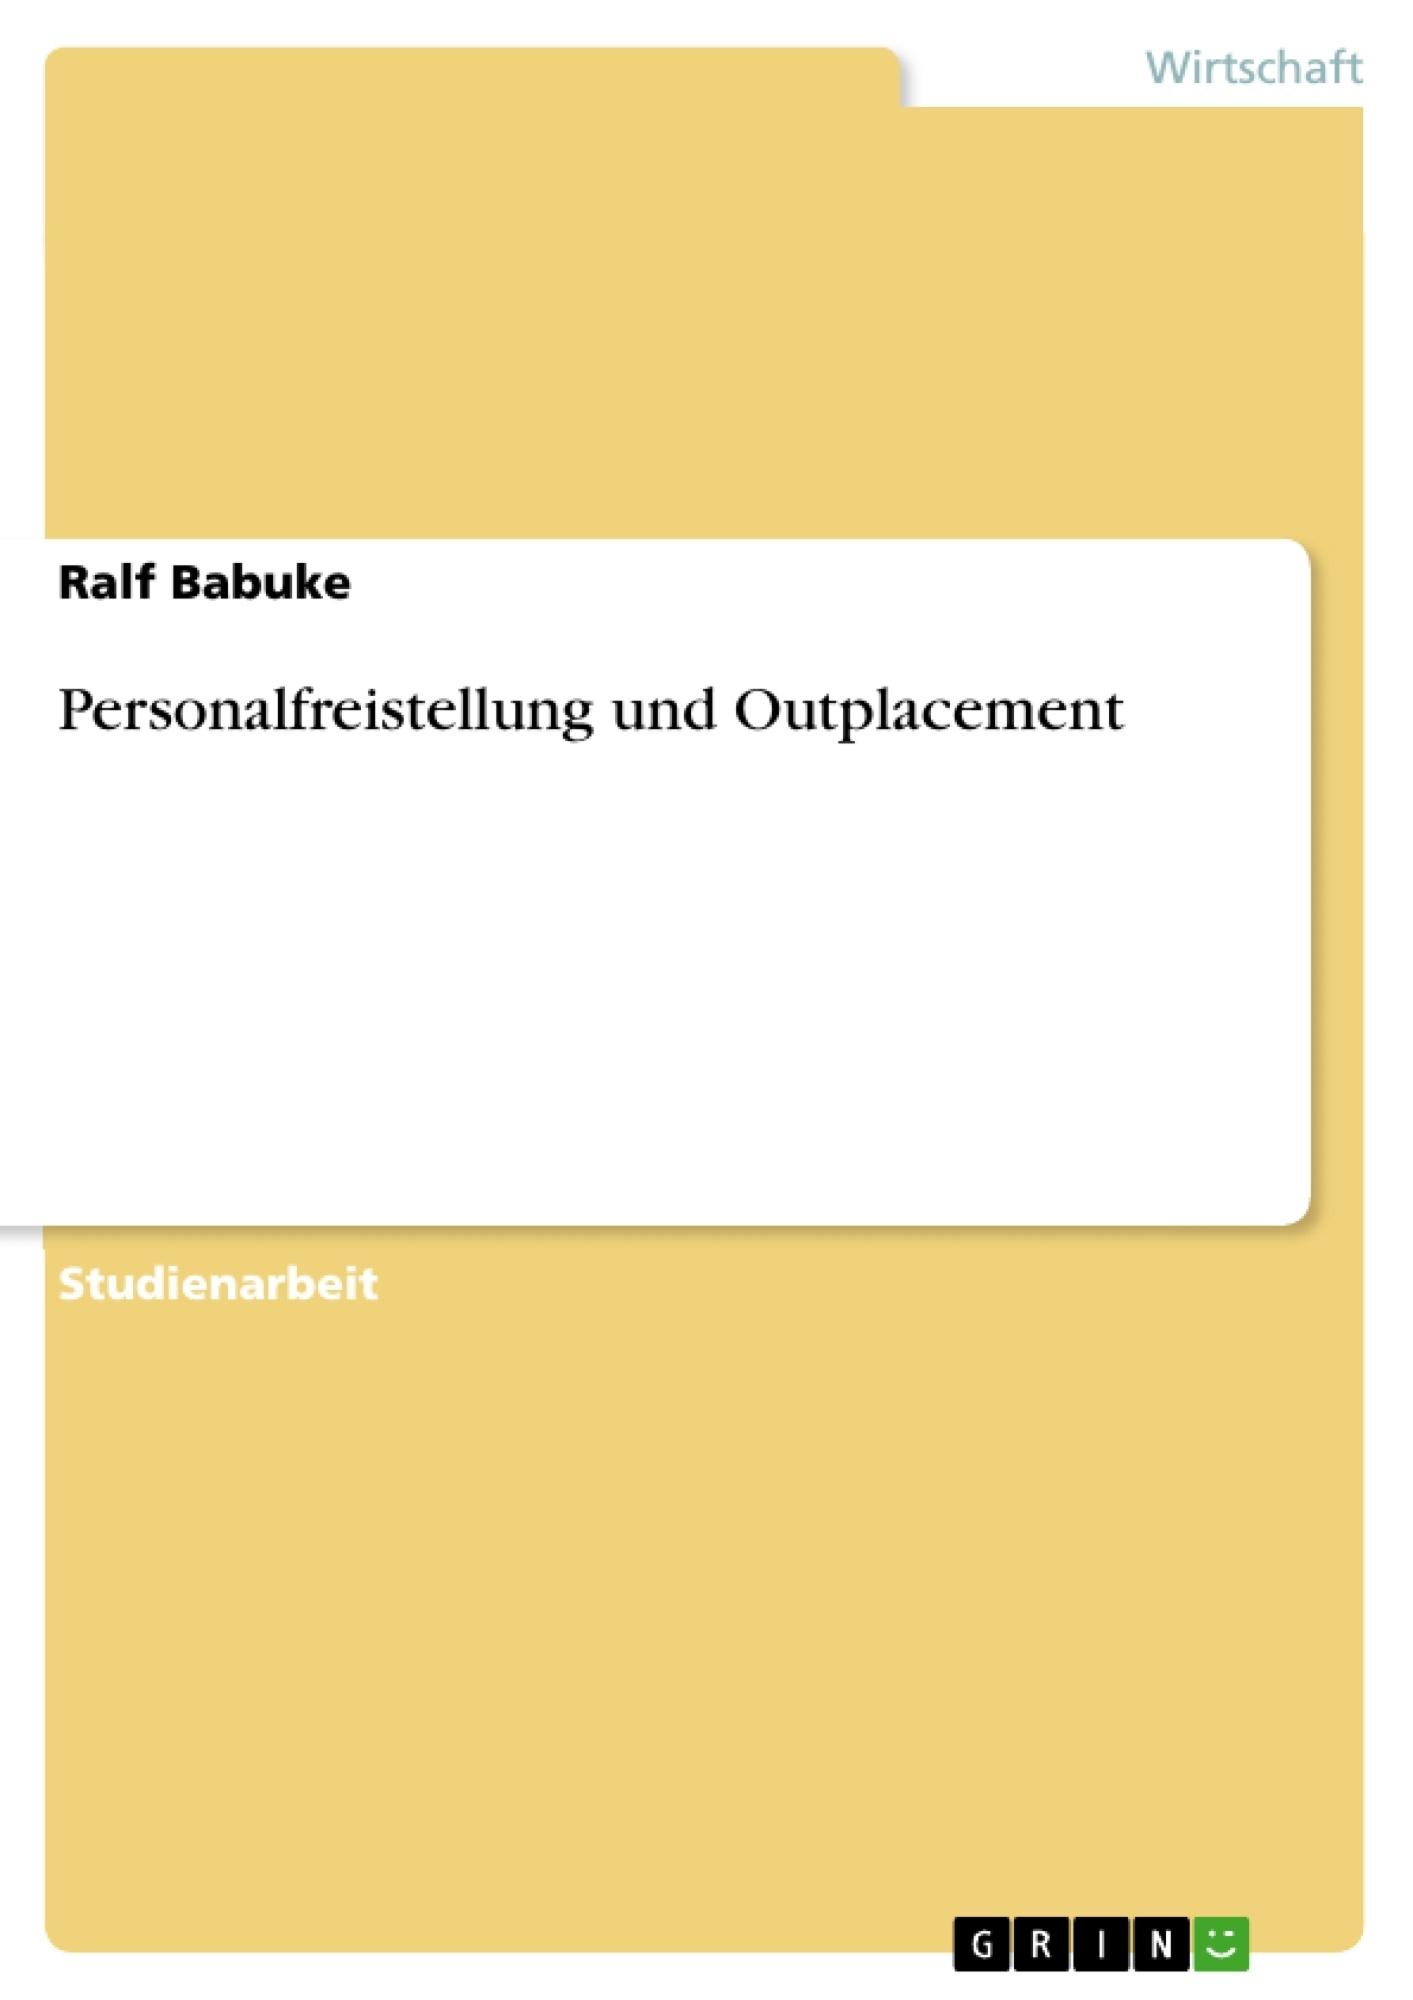 Titel: Personalfreistellung und Outplacement